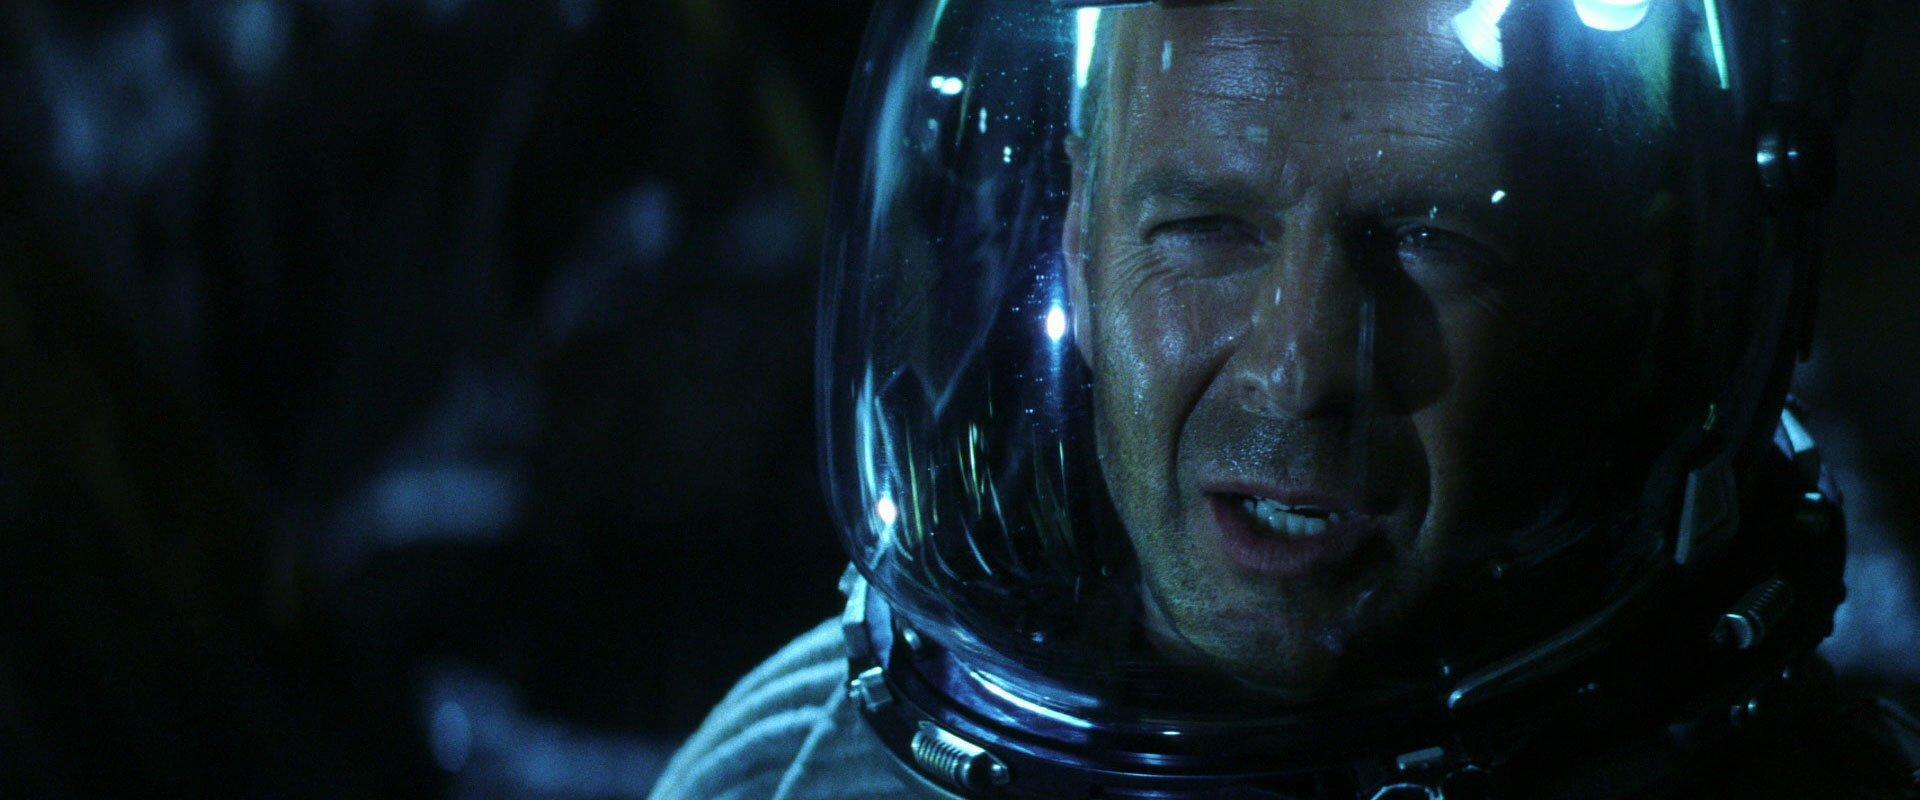 НАСА агентство отдел подразделение борьбе предотвращении угрозы из космоса астероид метеорит комета небесных тел Отдел по координации планетарной обороны космос наука новости отвратительные мужики